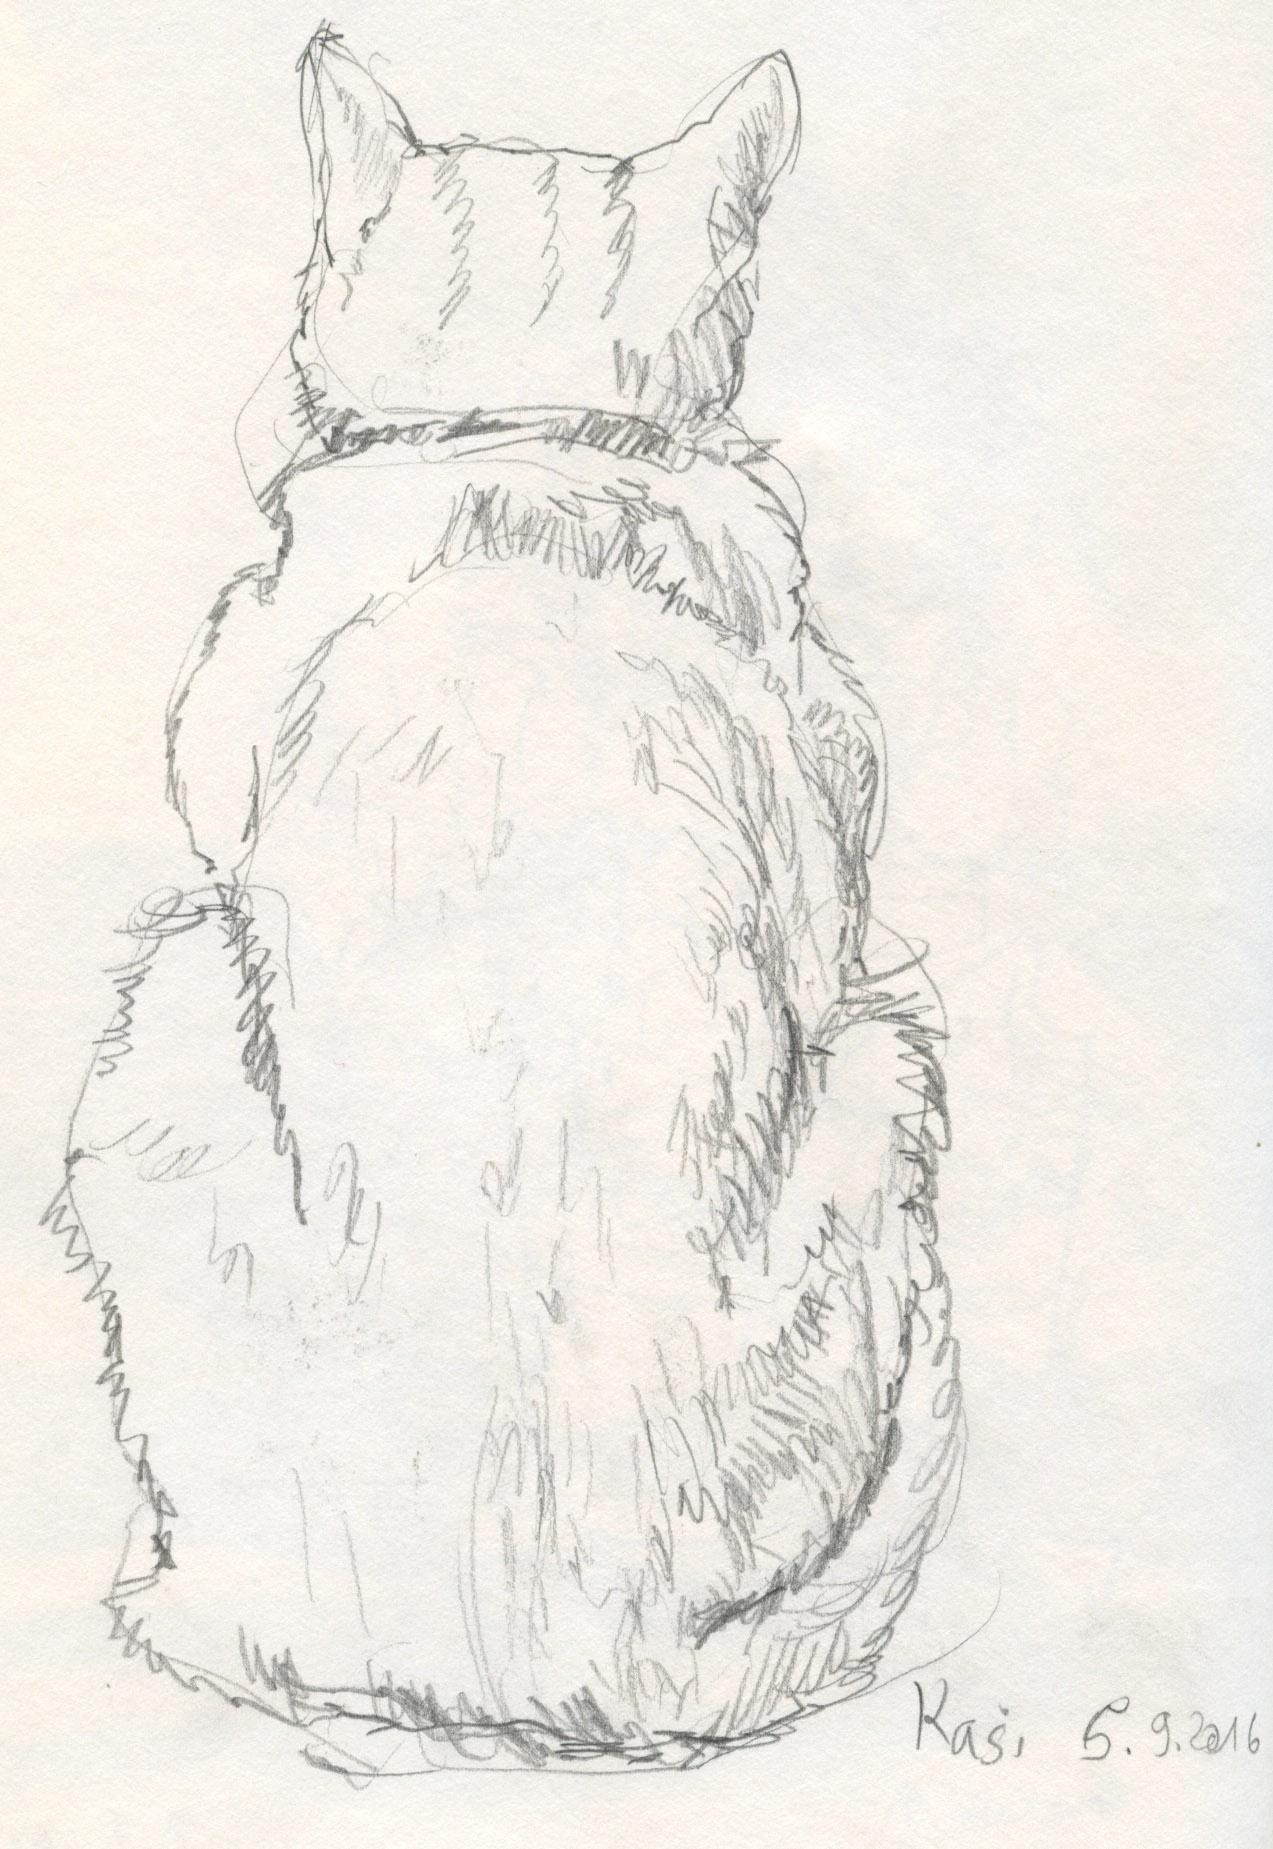 Zeichnung Kasi